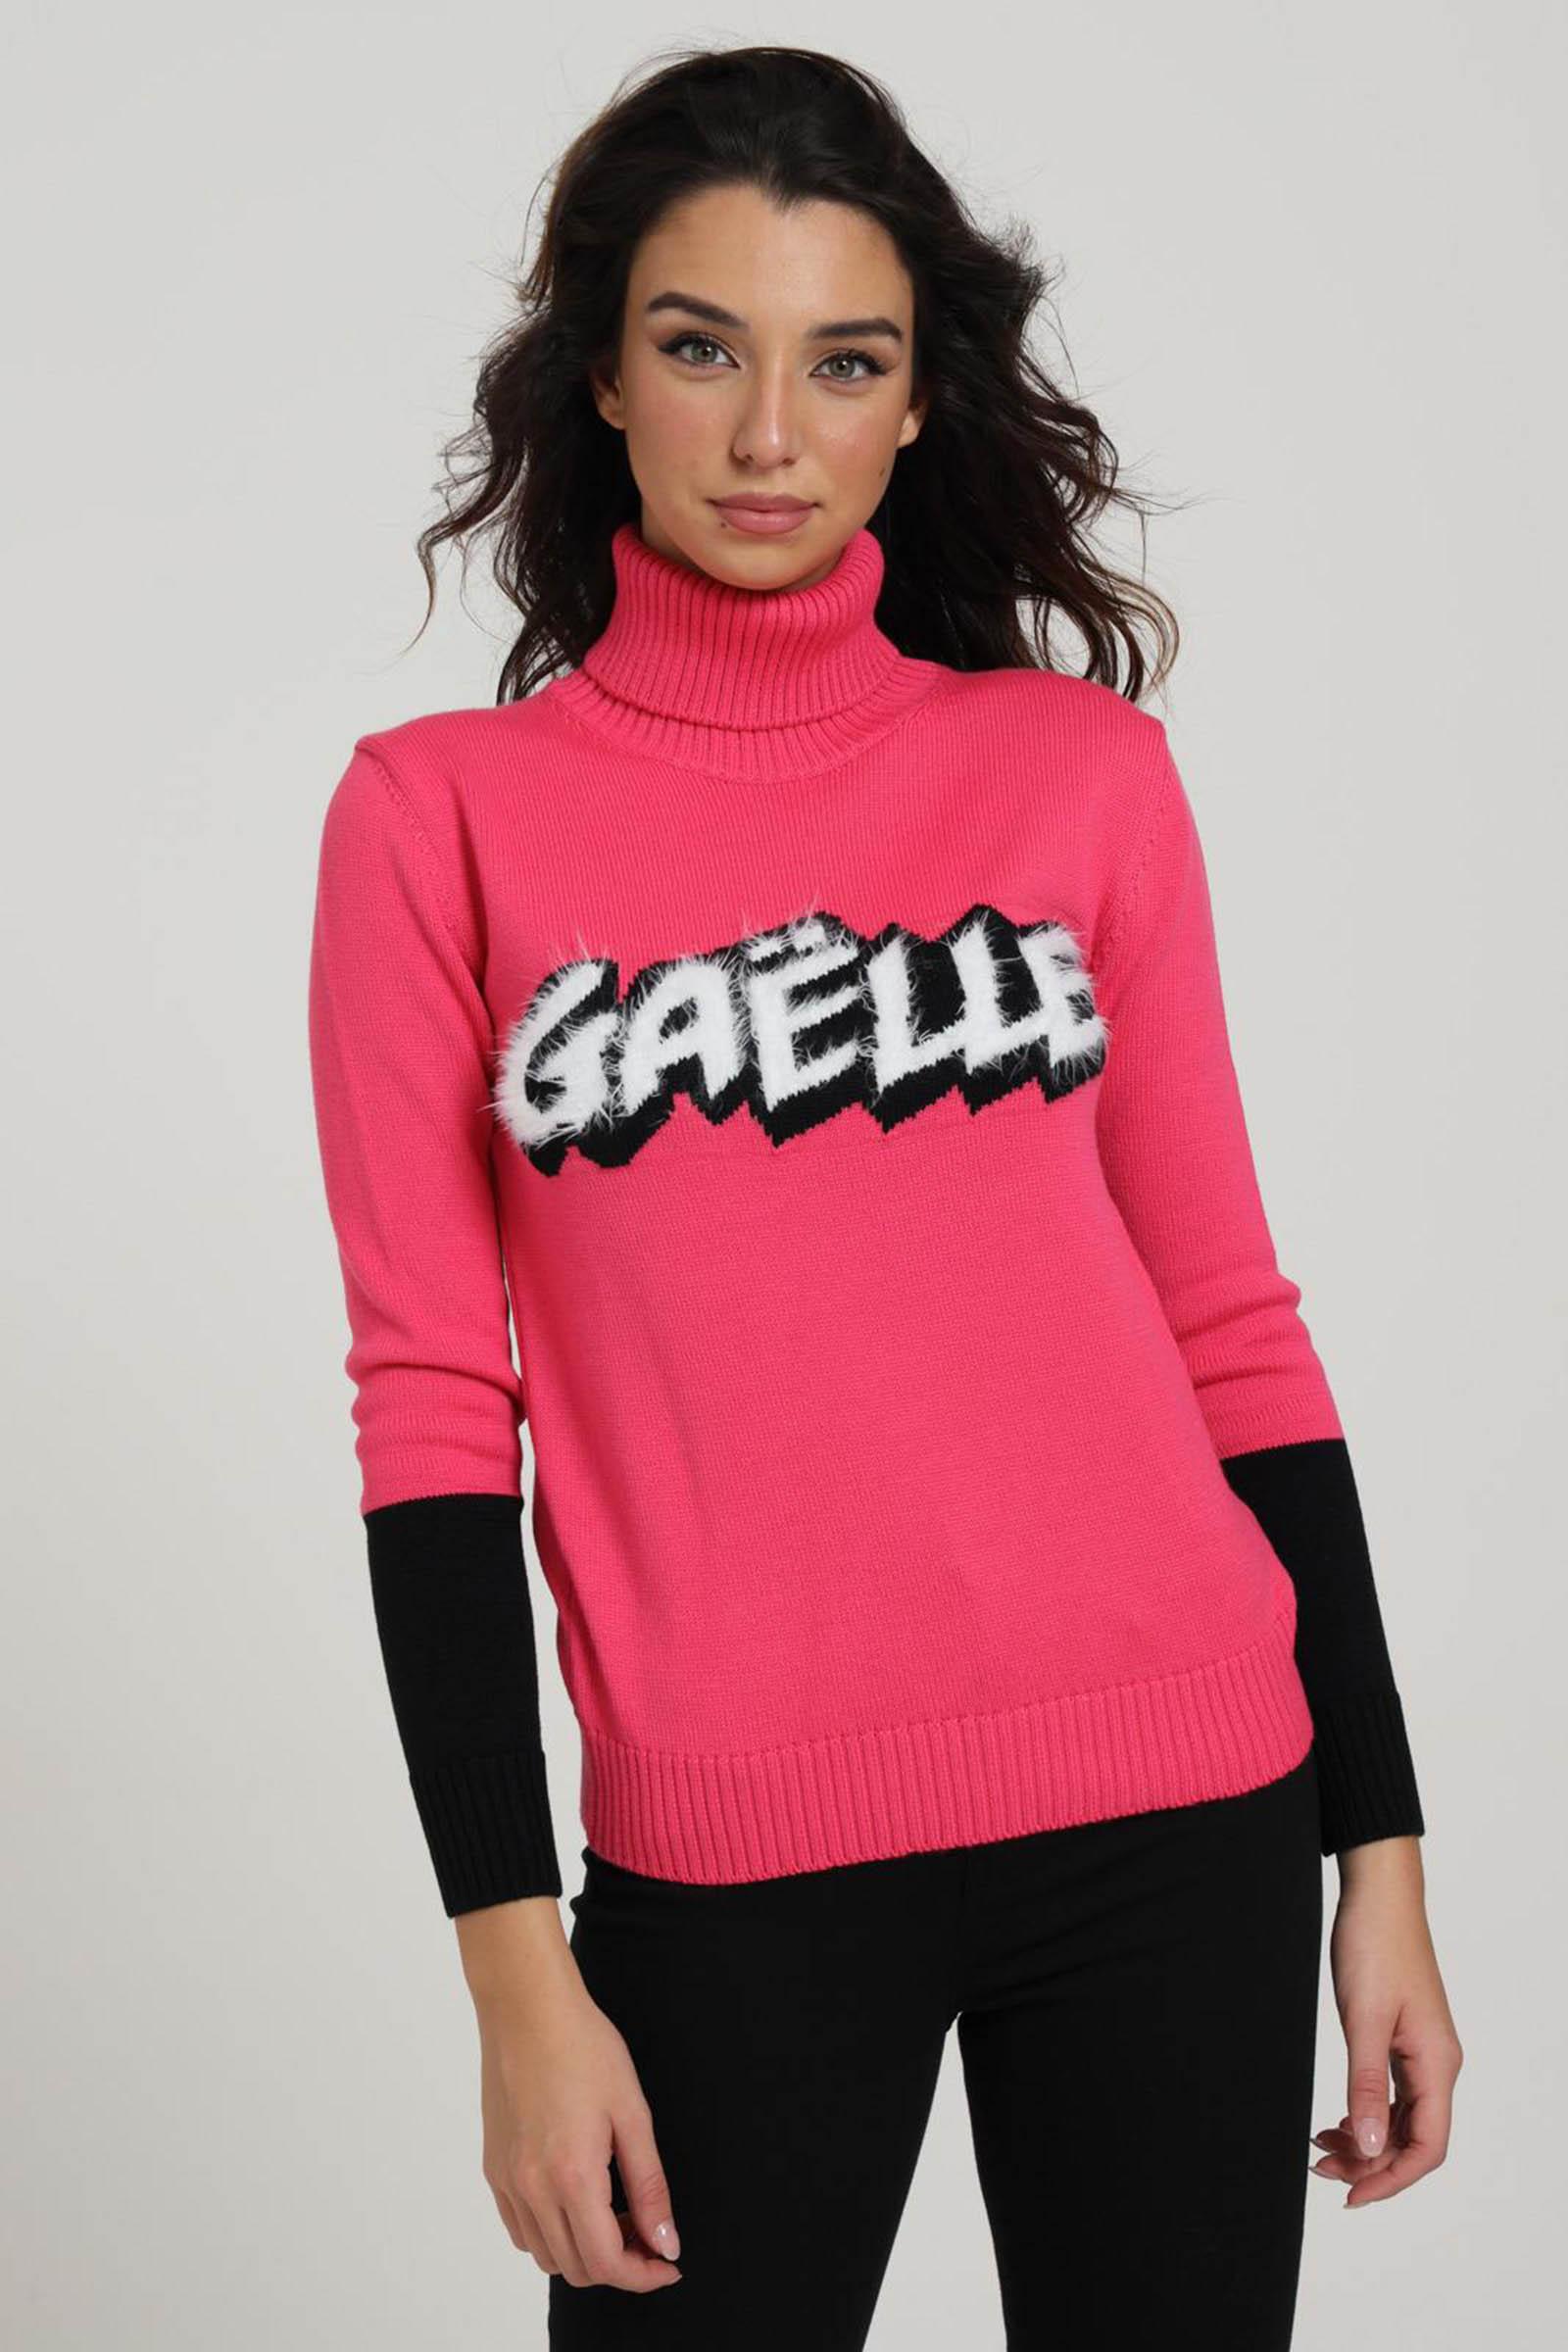 GAELLE   Shirt2   GBD70112